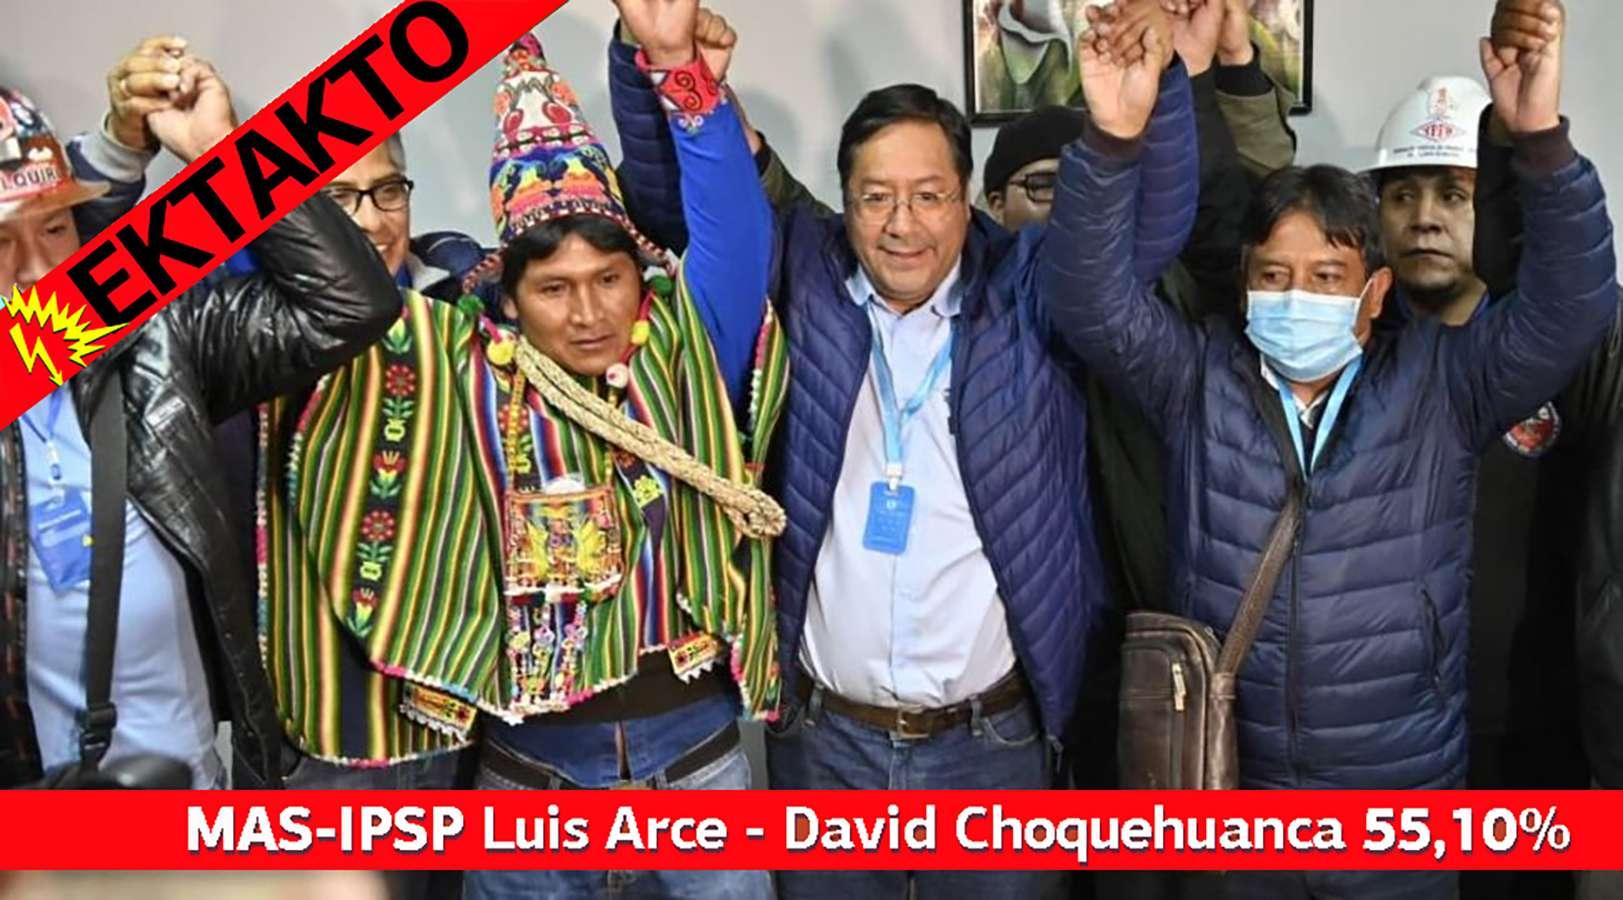 Το MAS – Movimiento al Socialismo κερδίζει εκλογές στη Βολιβία με 55,10%